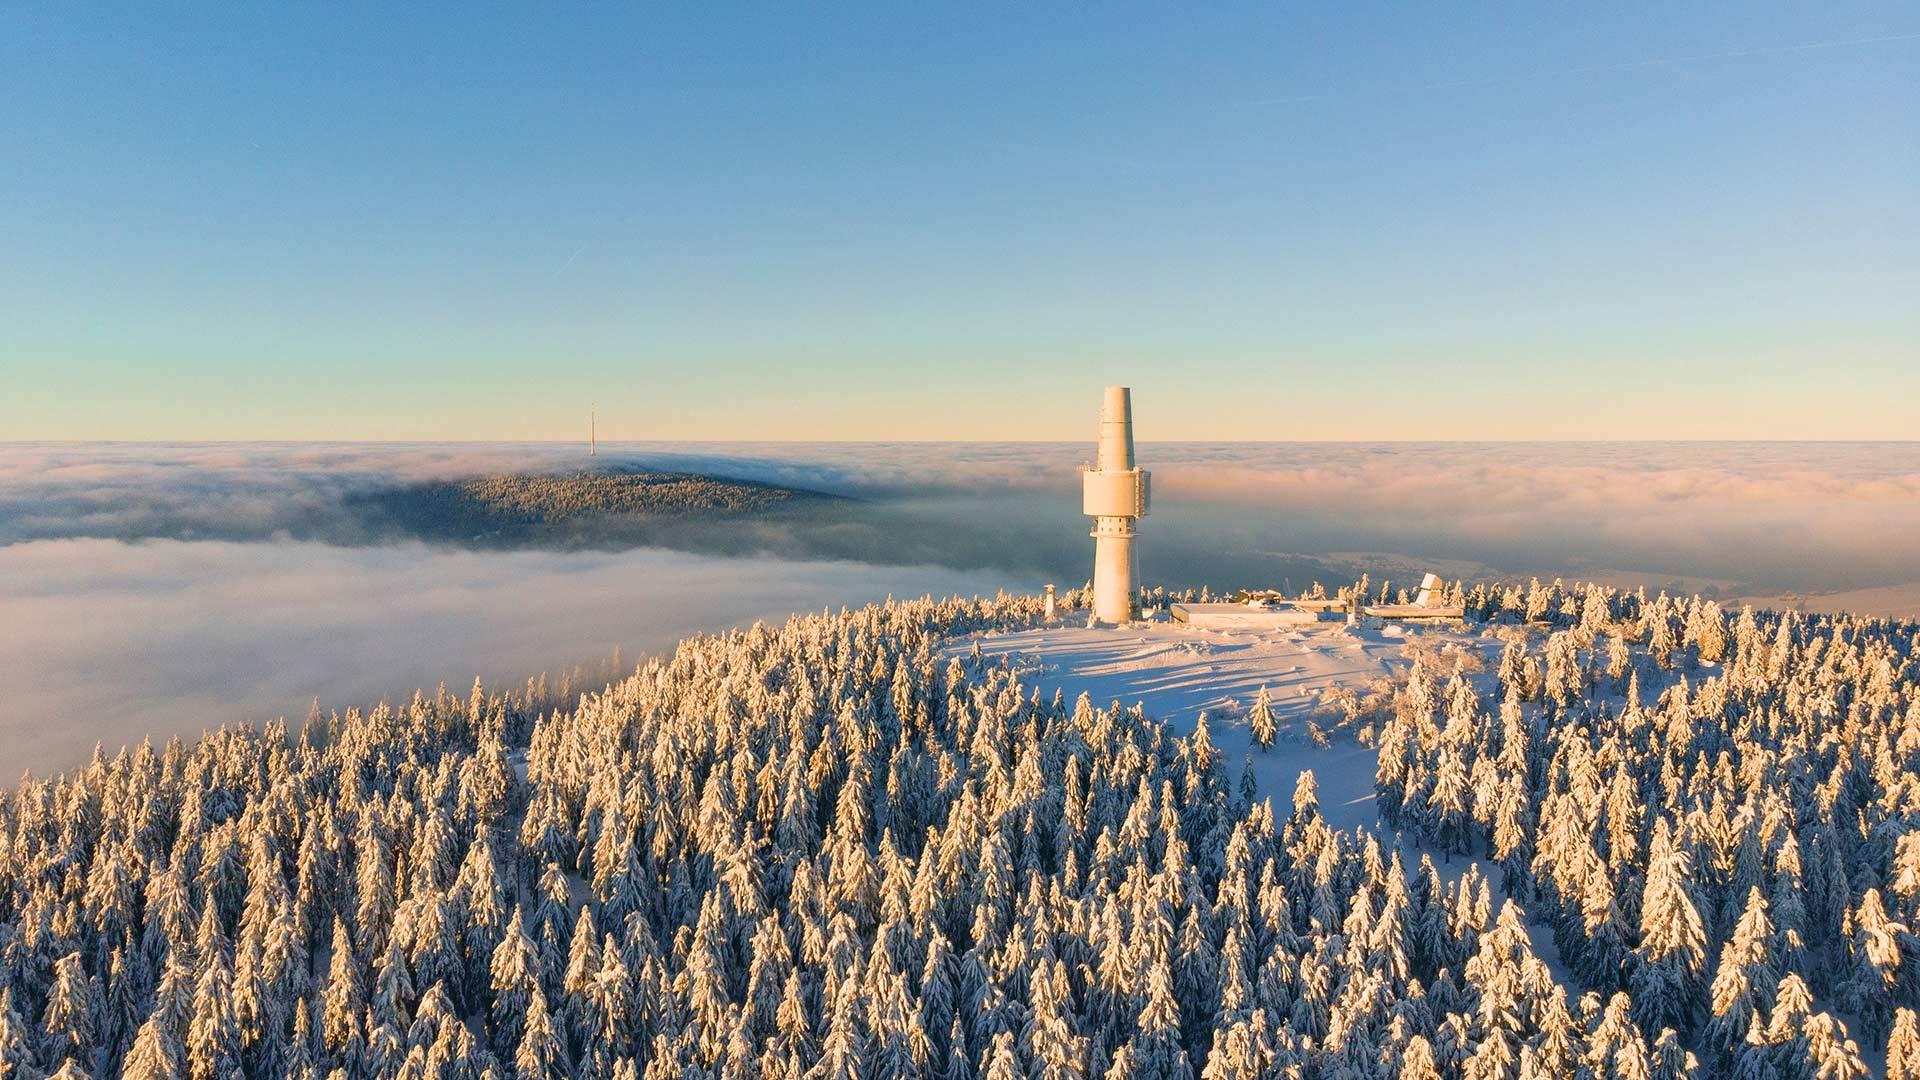 日出时云层上方的施内贝格山脉-奥克森峰鸟瞰图 奥克森峰